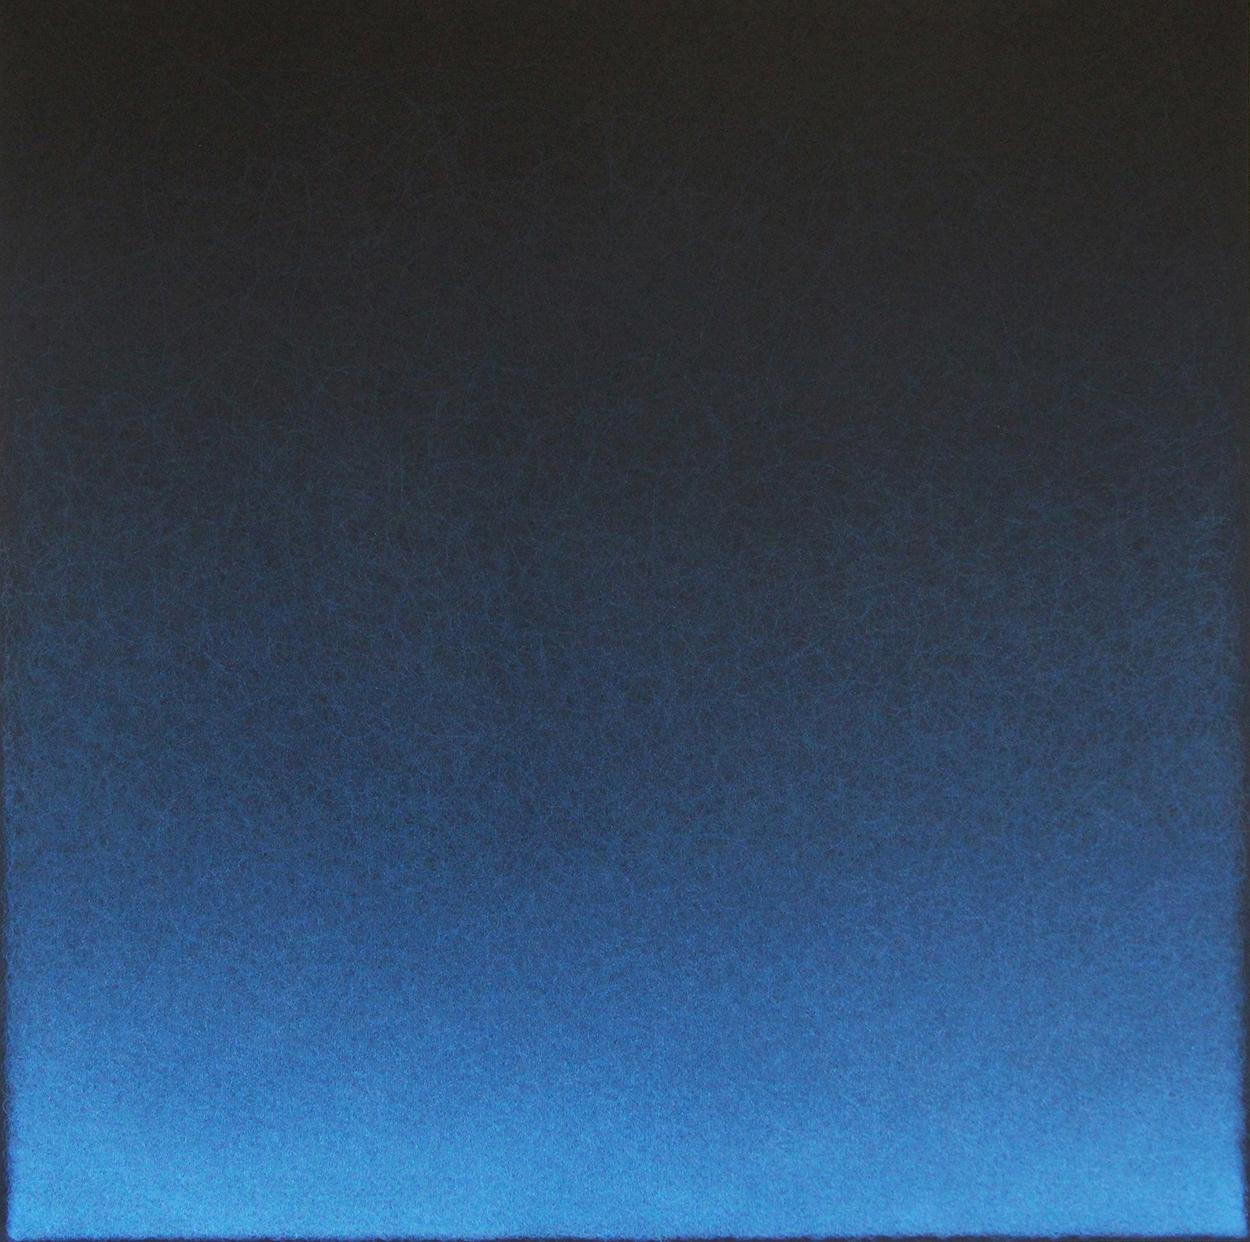 """Quantum Entanglement (Cerulean Blue 2), 2020, Colored pencil on black paper, 25 x 25"""""""